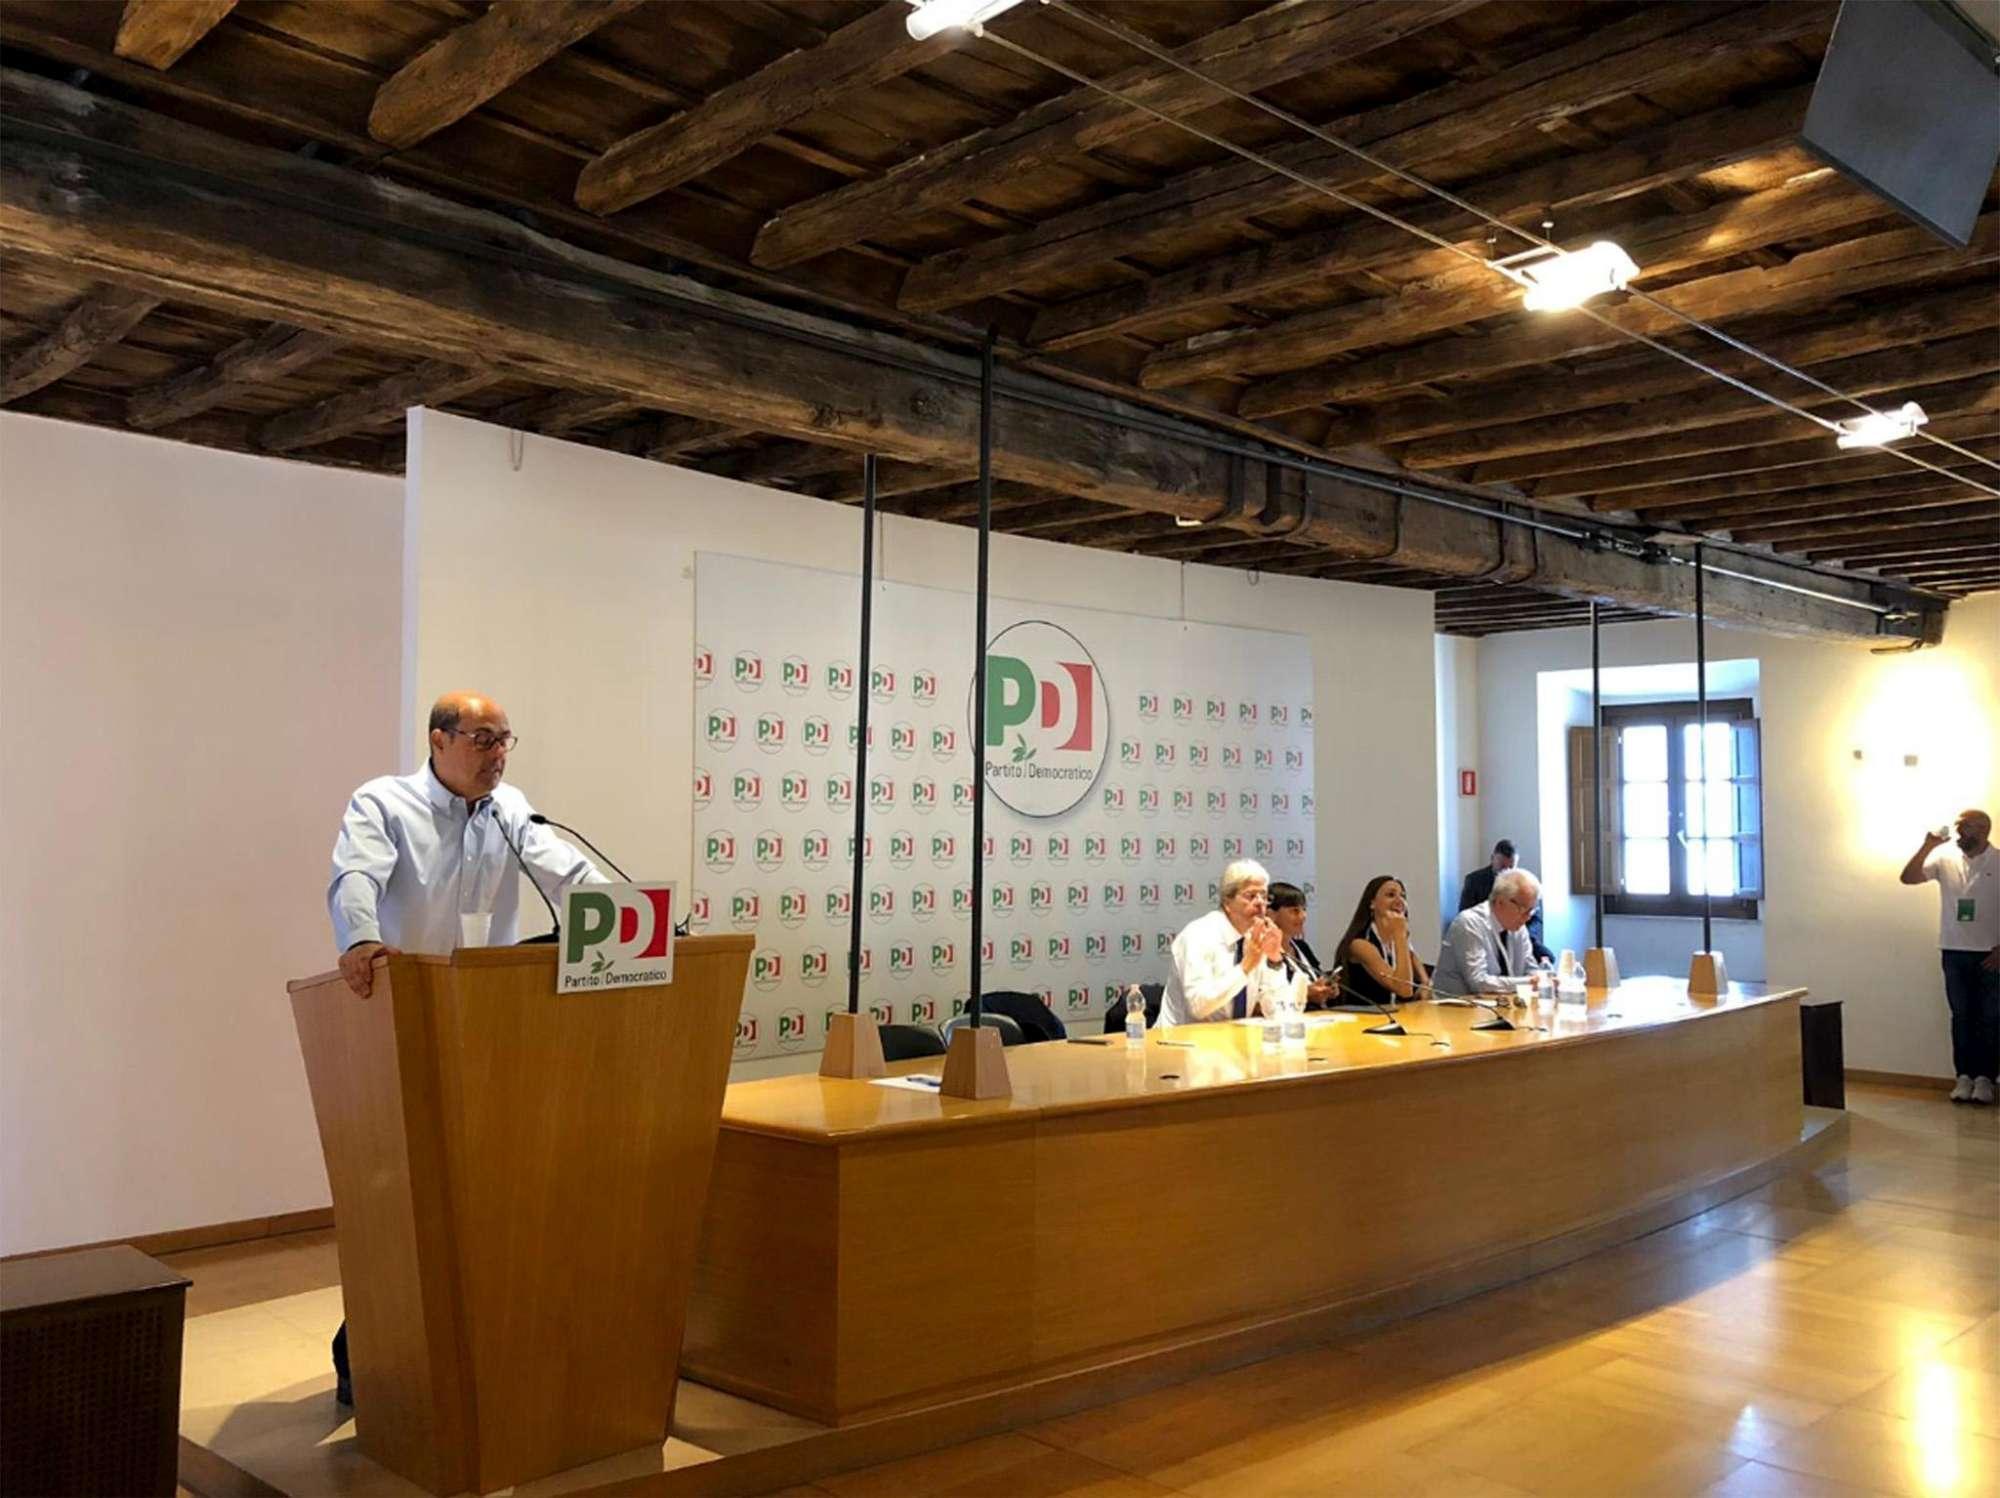 Direzione Pd, Zingaretti:  Cinque punti per trattare con il M5s